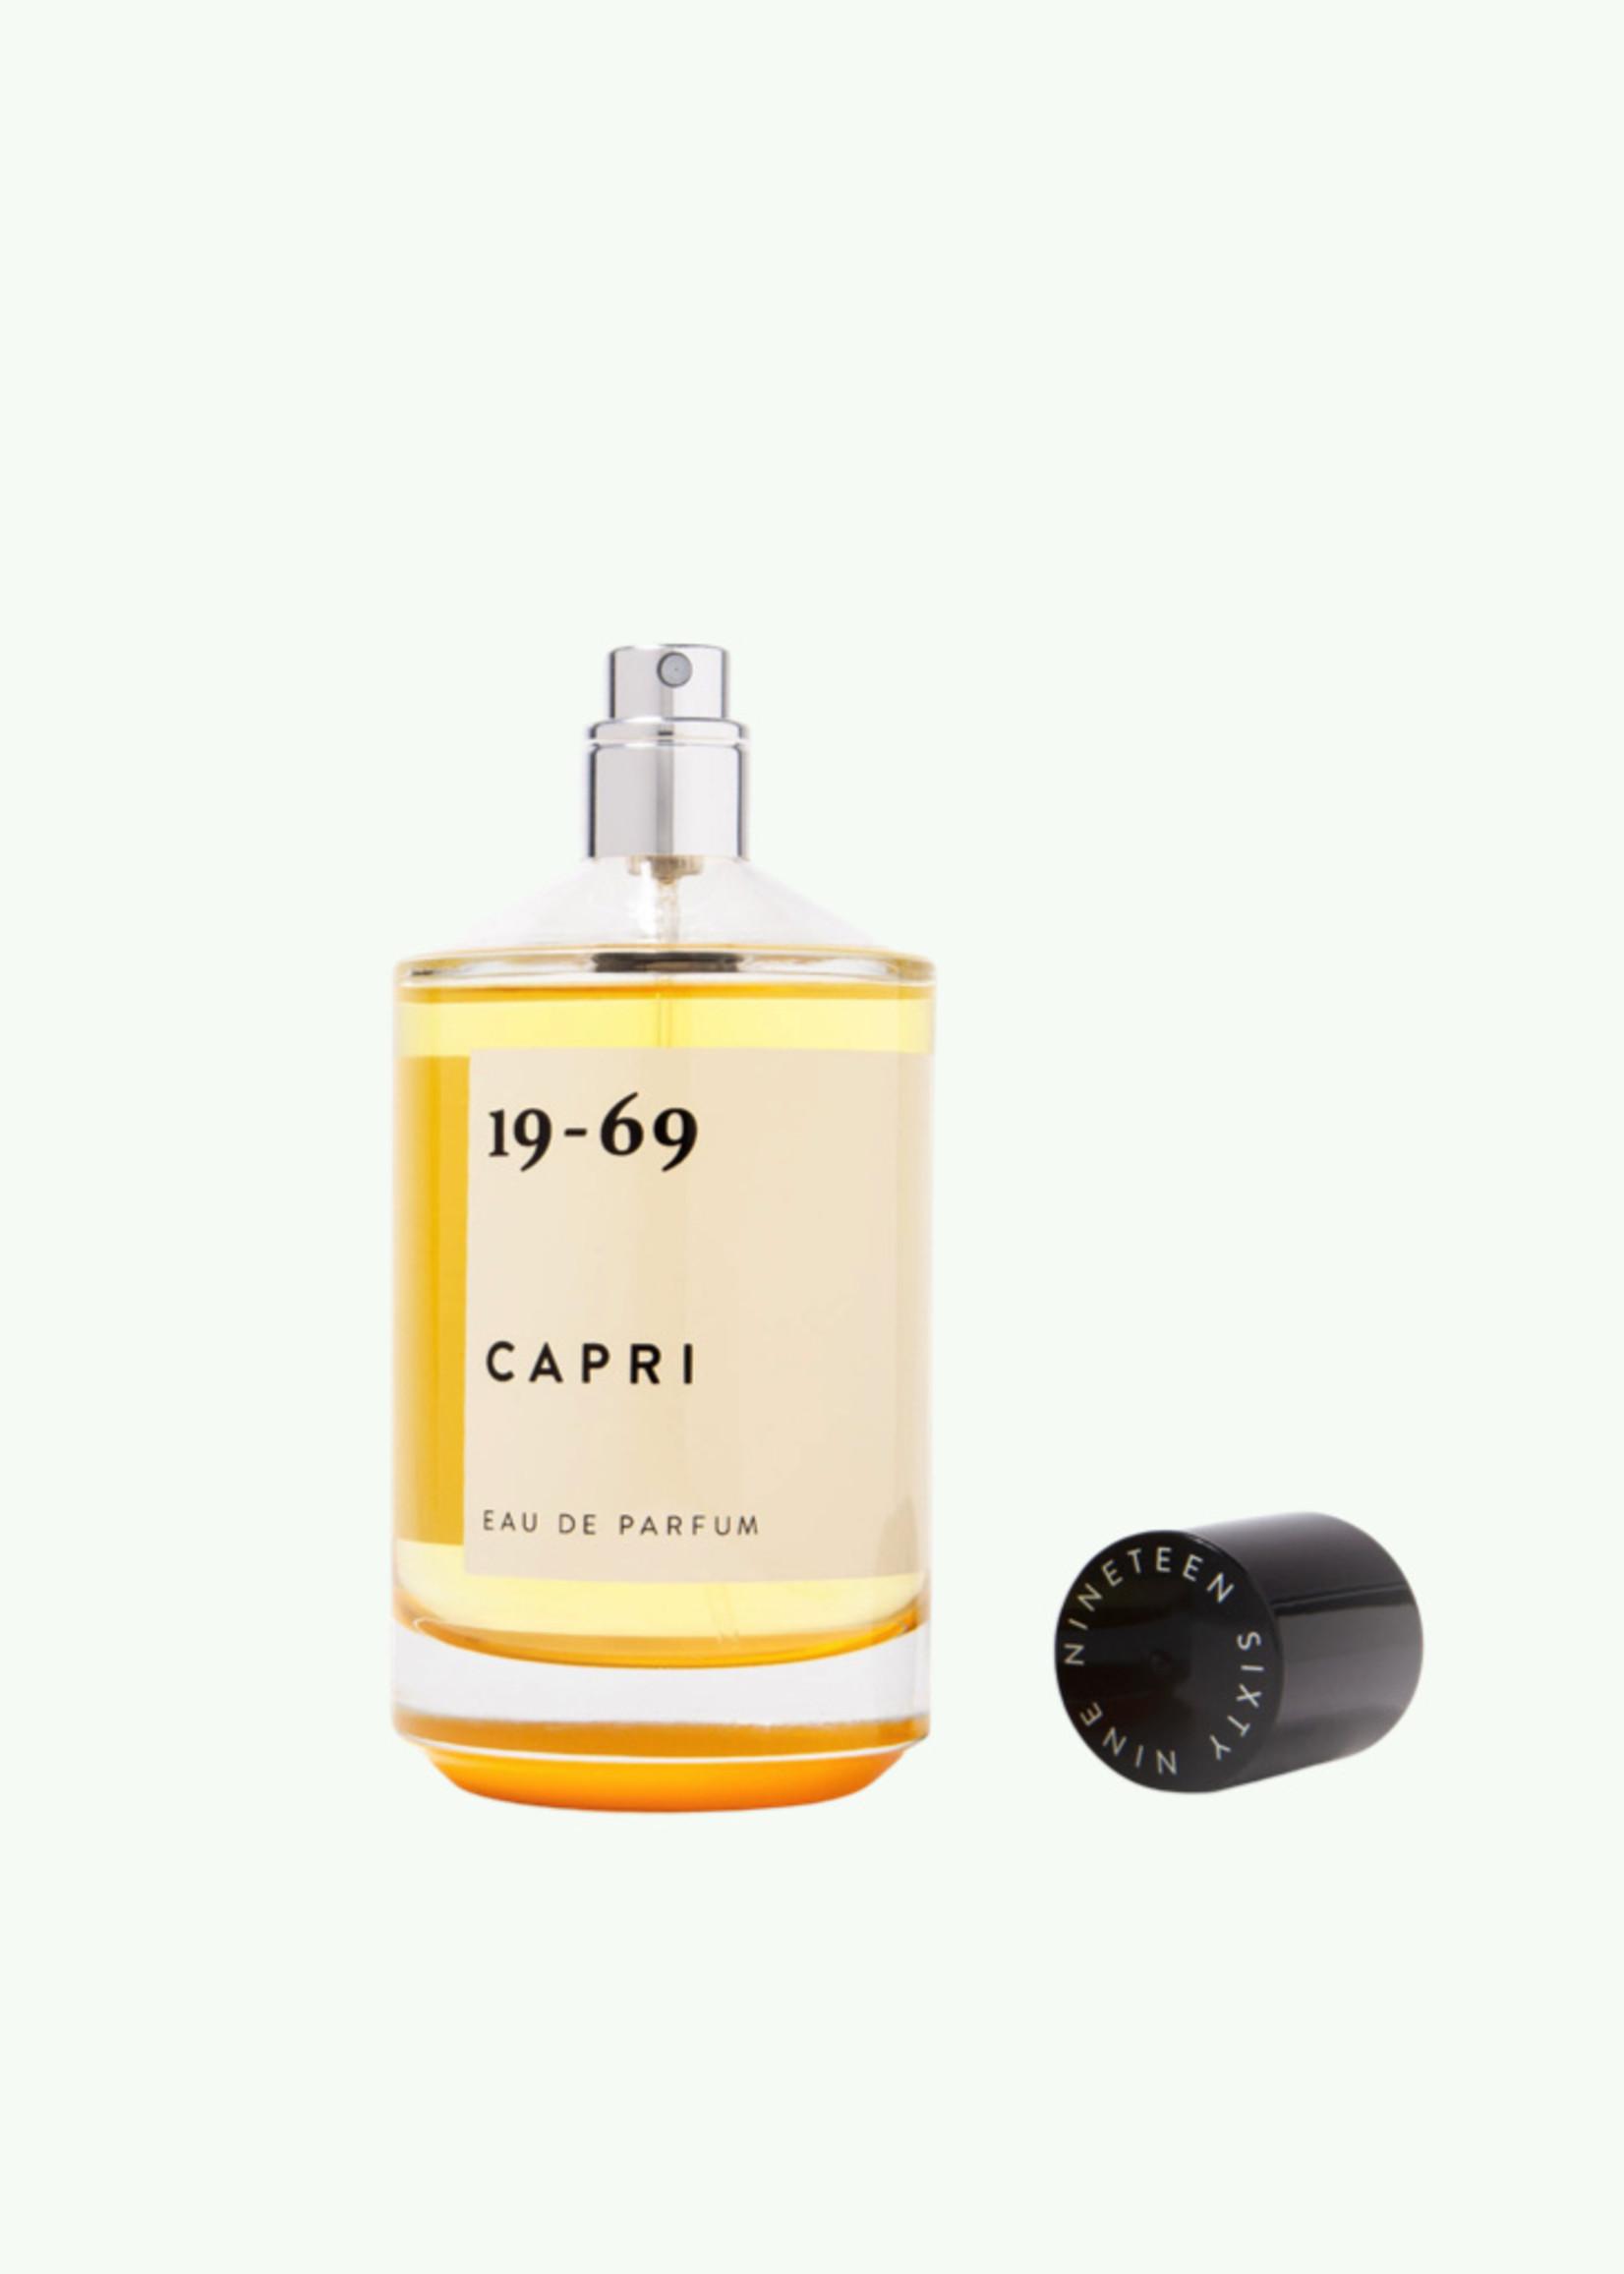 Nineteen Sixty Nine Nineteen sixty nine - Capri - Eau de Parfum